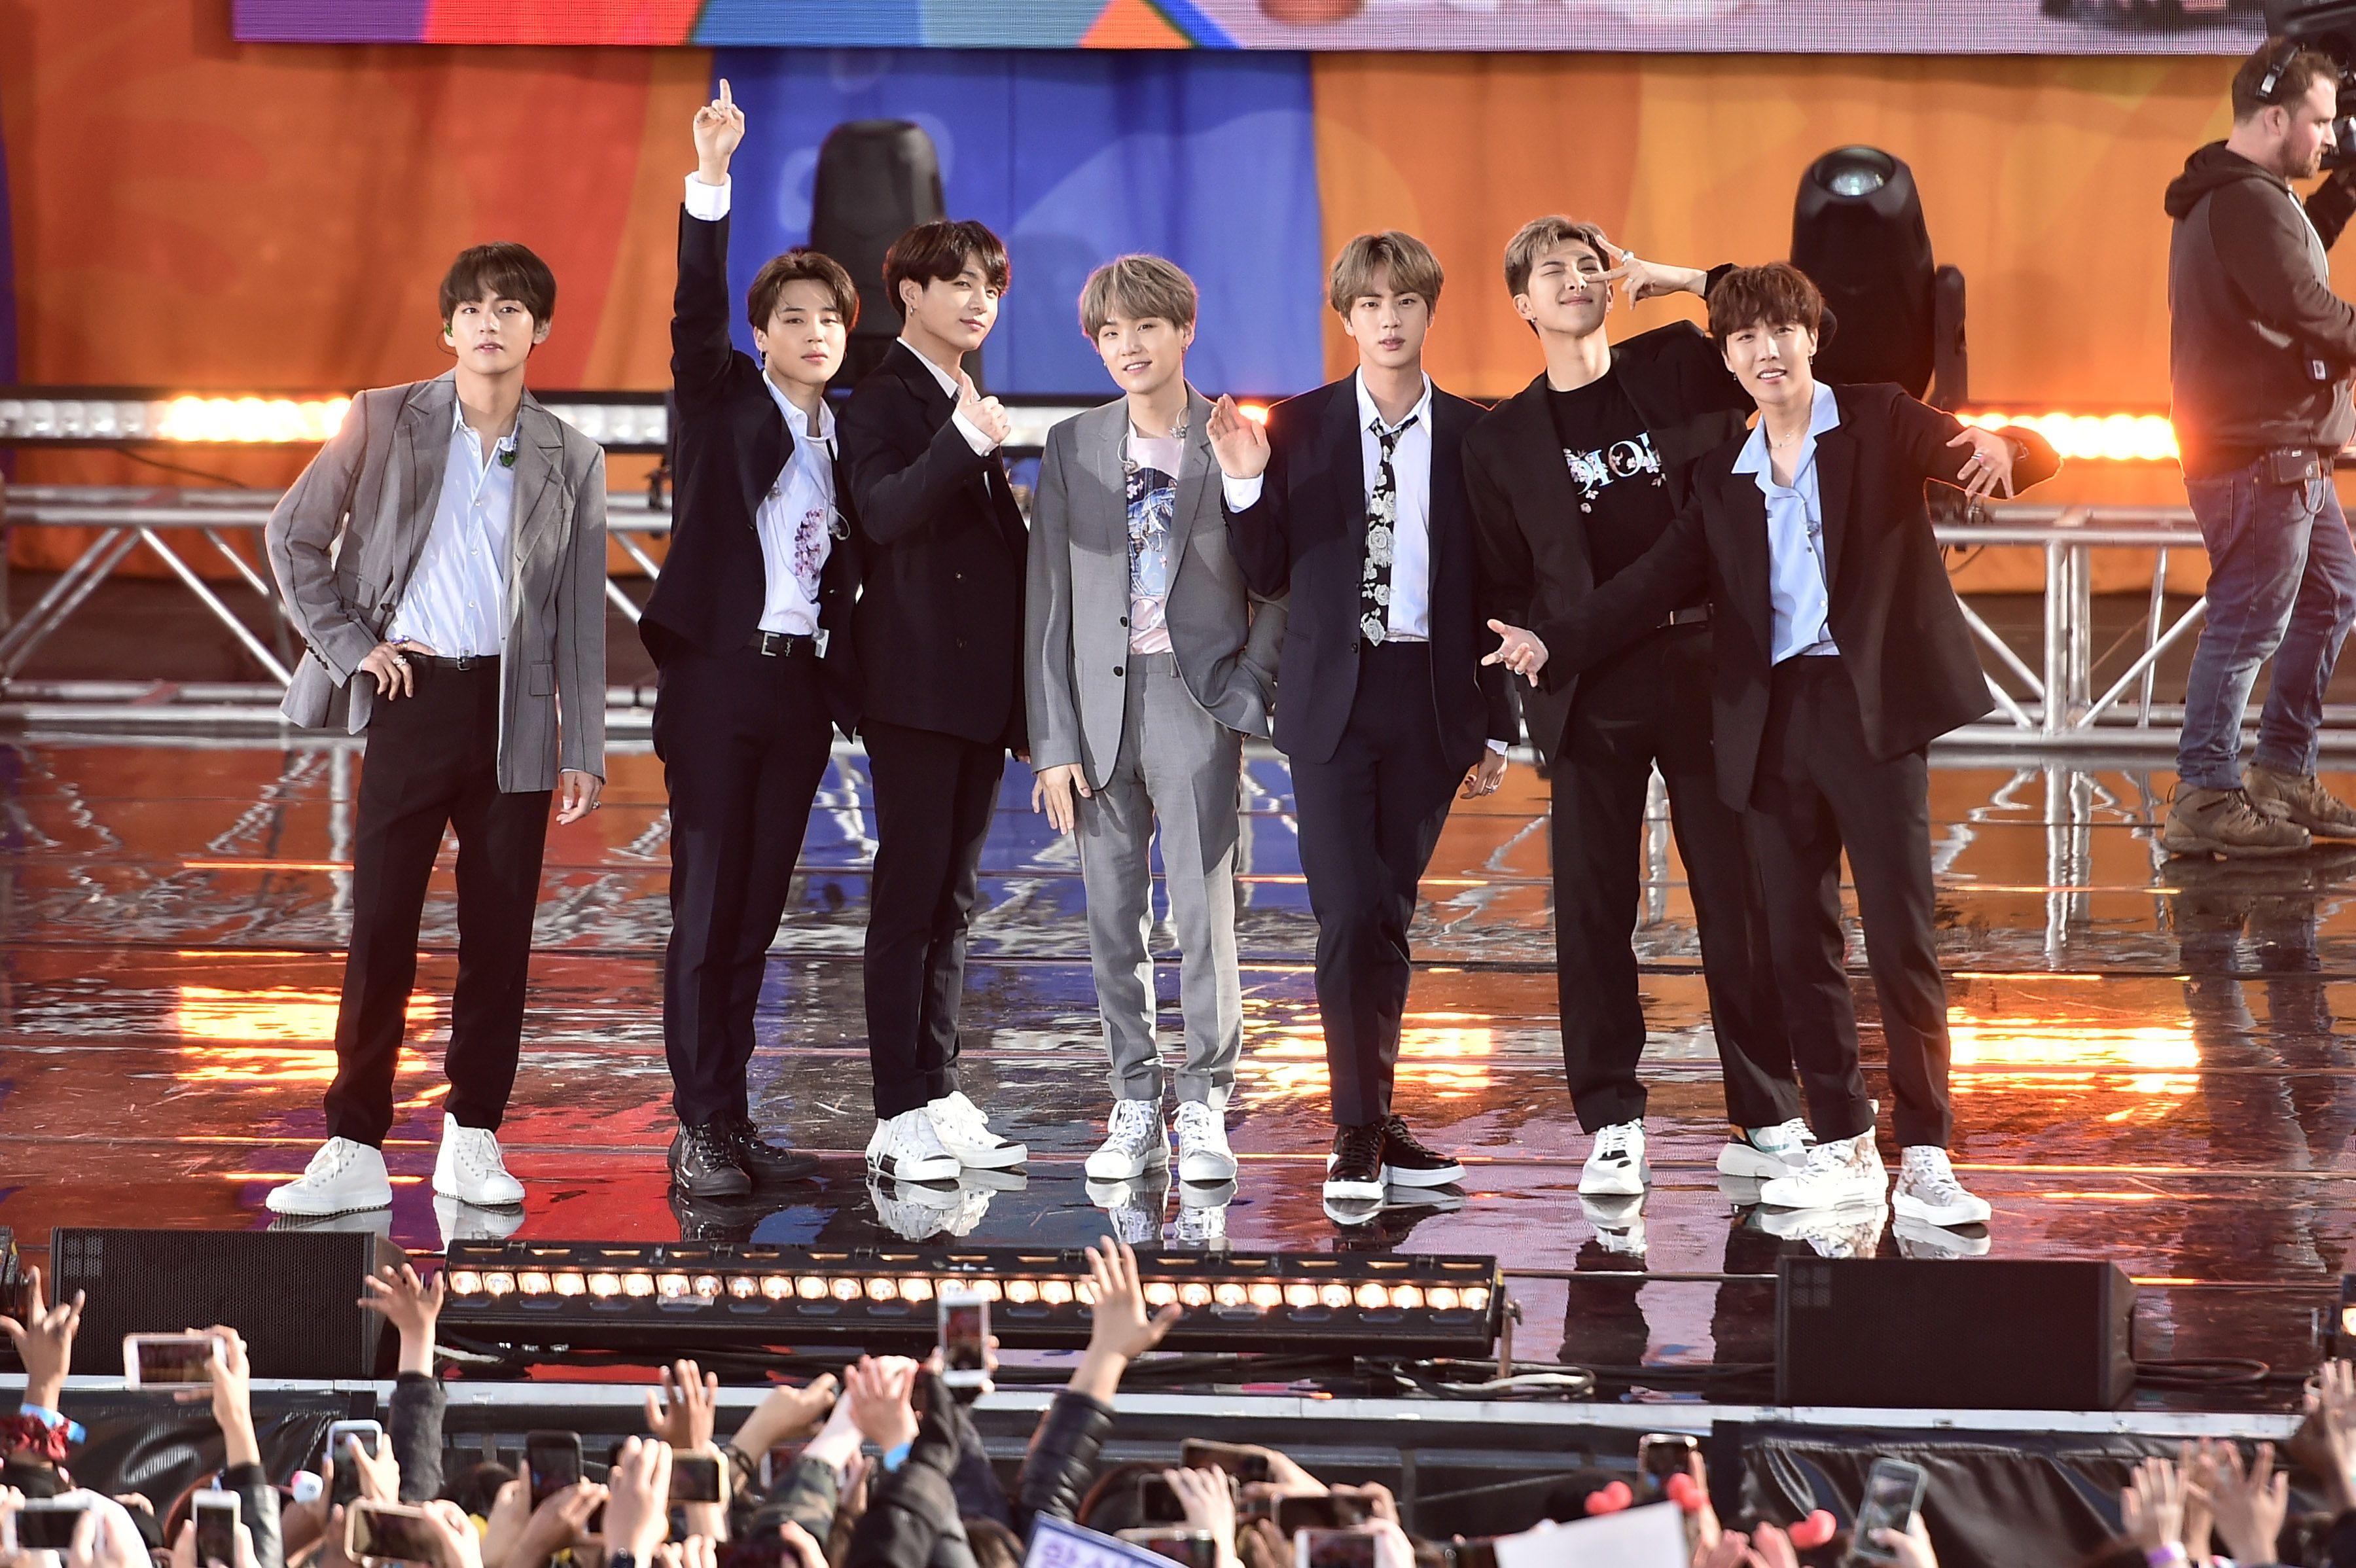 V, Jimin, Jungkook, Suga, Jin, RM, J-Hope